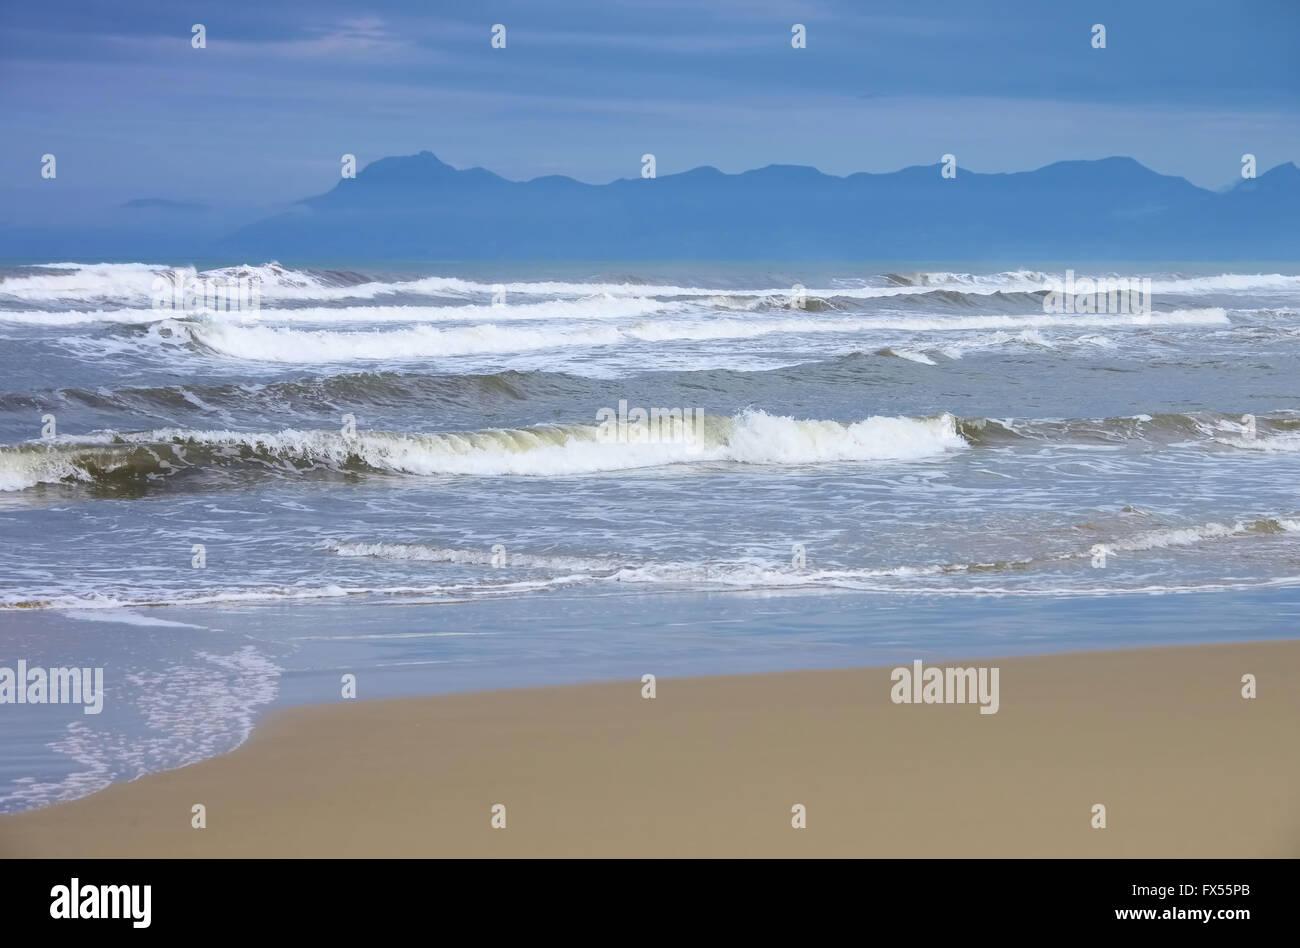 Golf von Salerno - Gulf of Salerno 03 - Stock Image